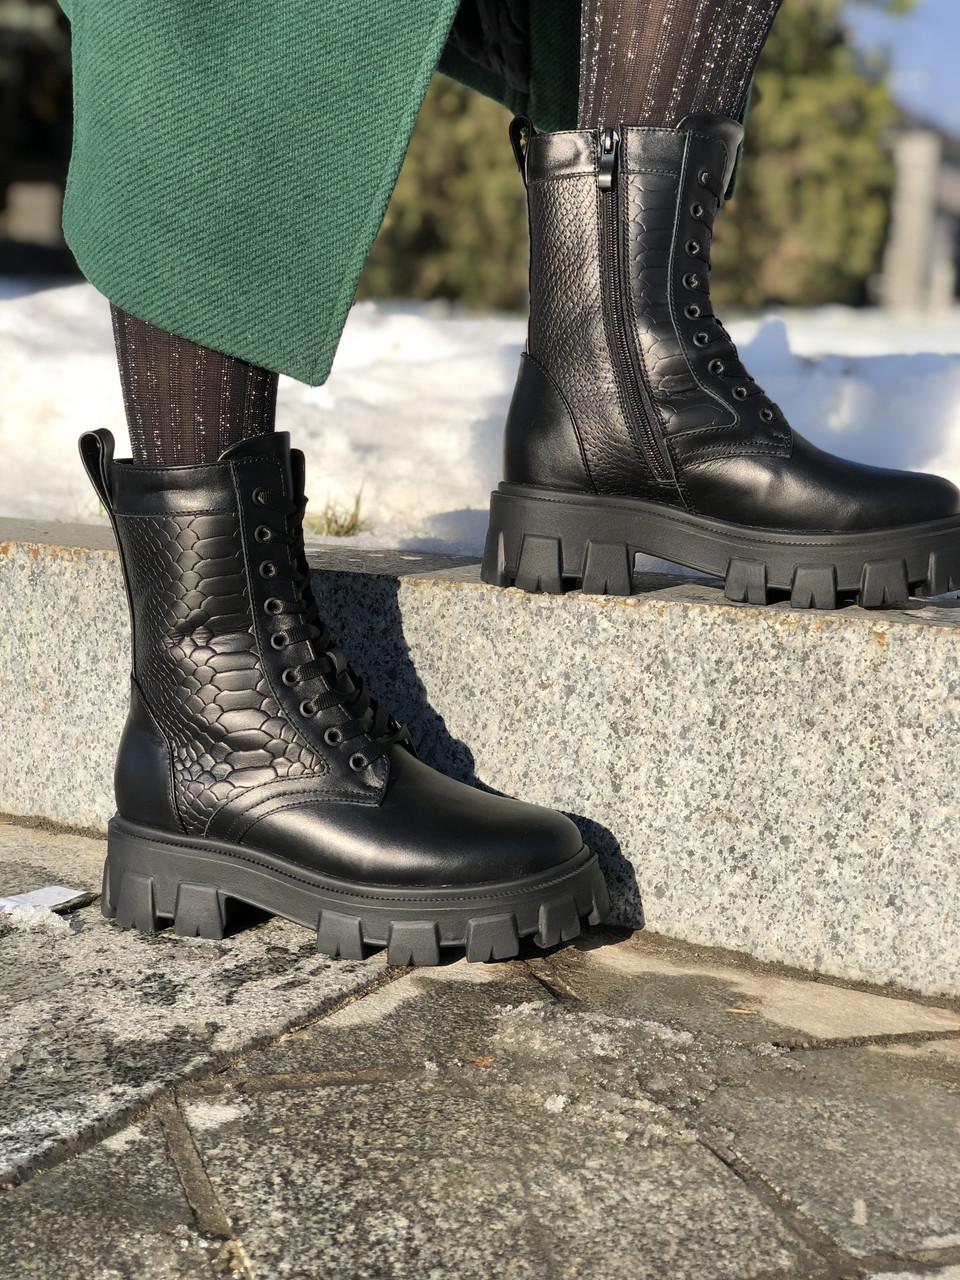 Жіночі черевики високі HBM Prado, чорний, натуральна шкіра, всередині шкіра+хутро+байка, 38 розмір